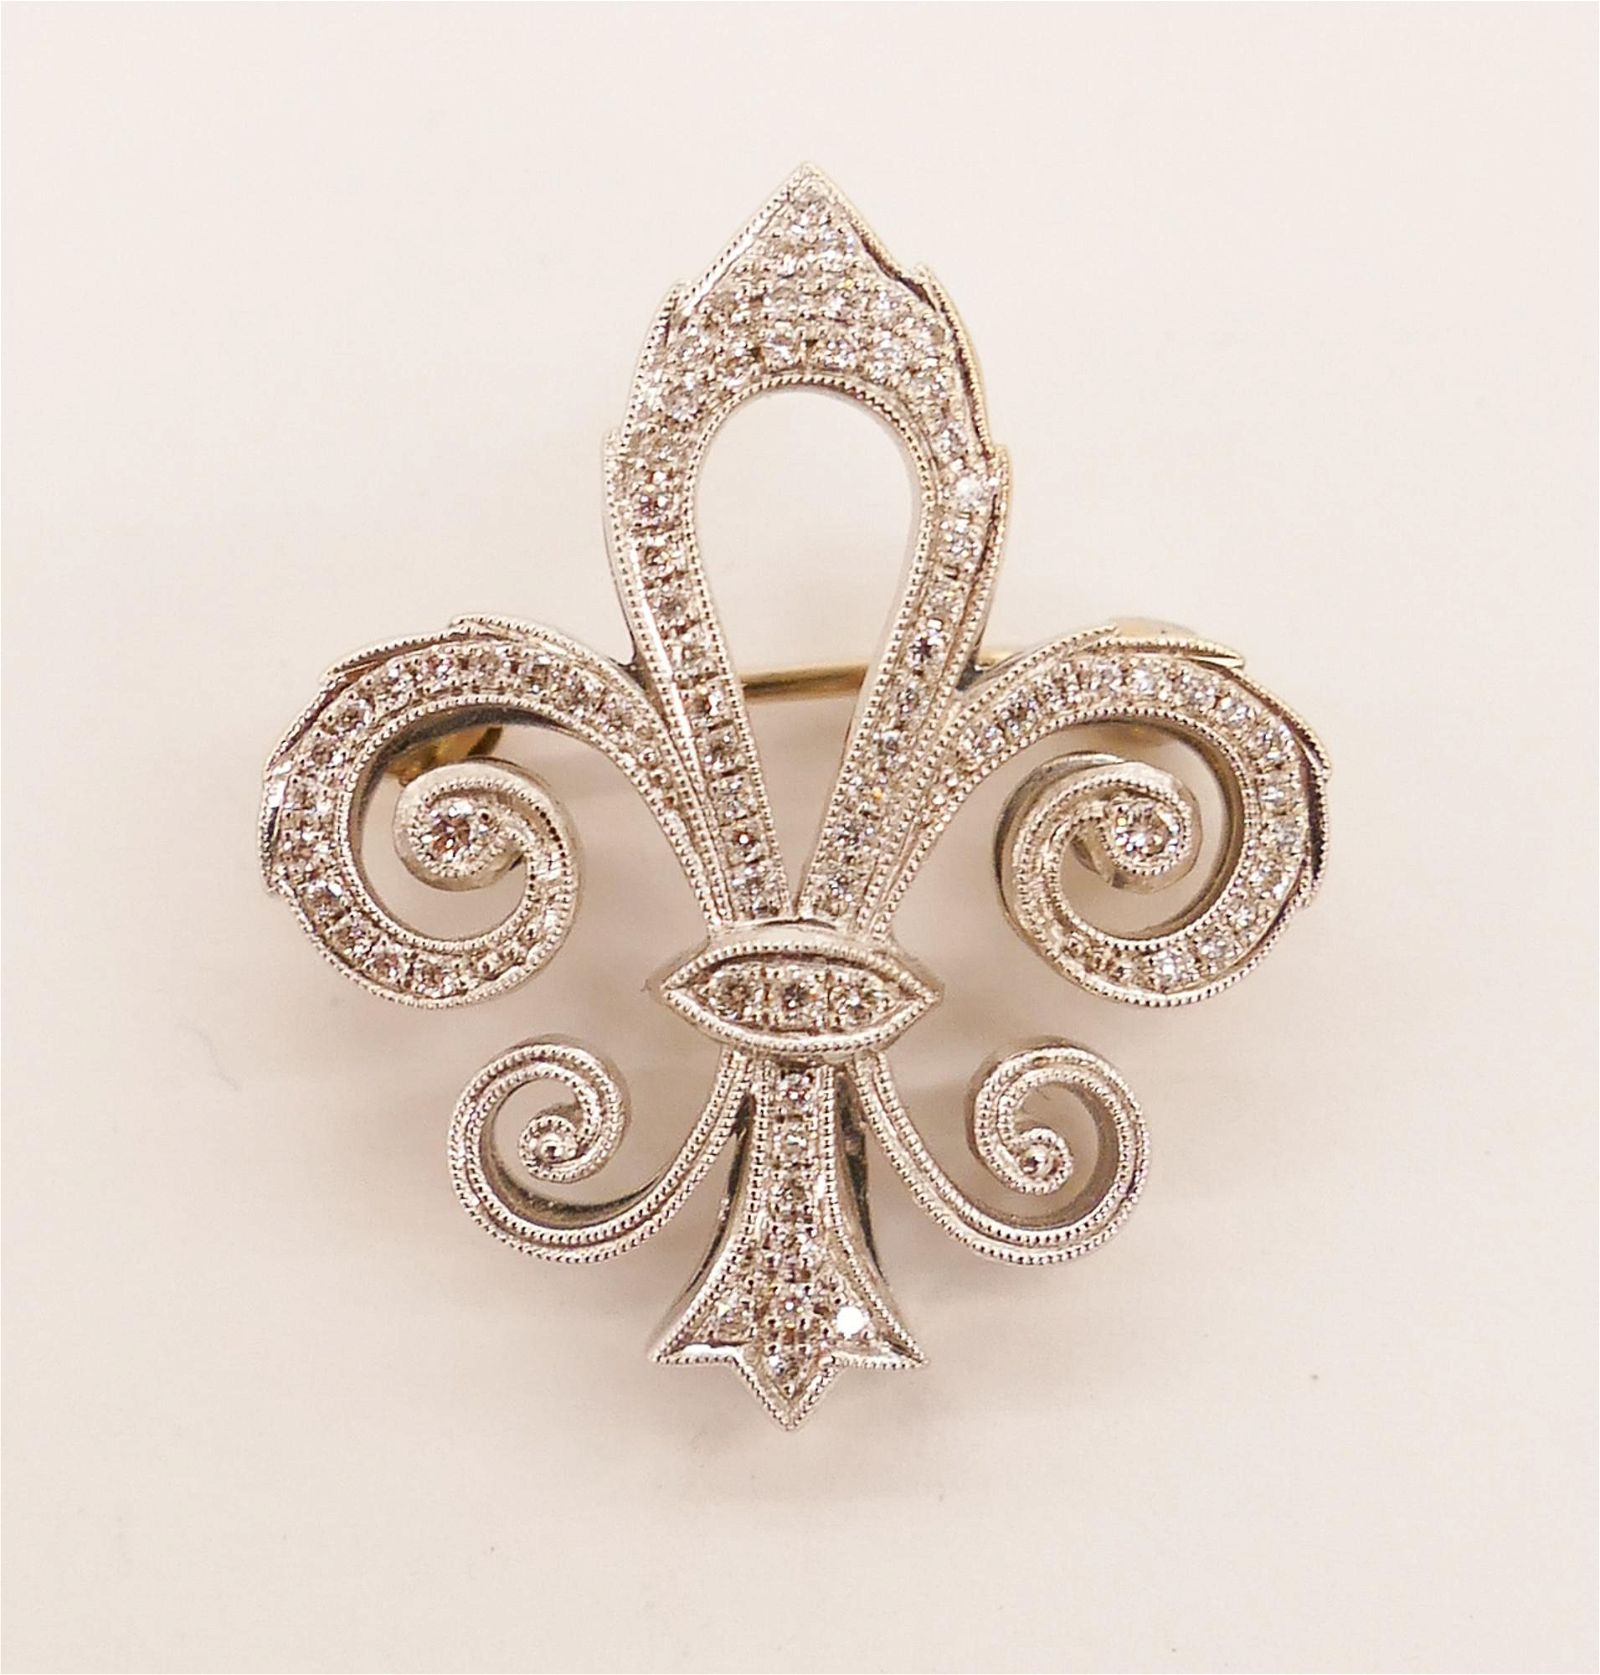 Lady's Edwardian Diamond Fleur-de-Lis 18k Brooch